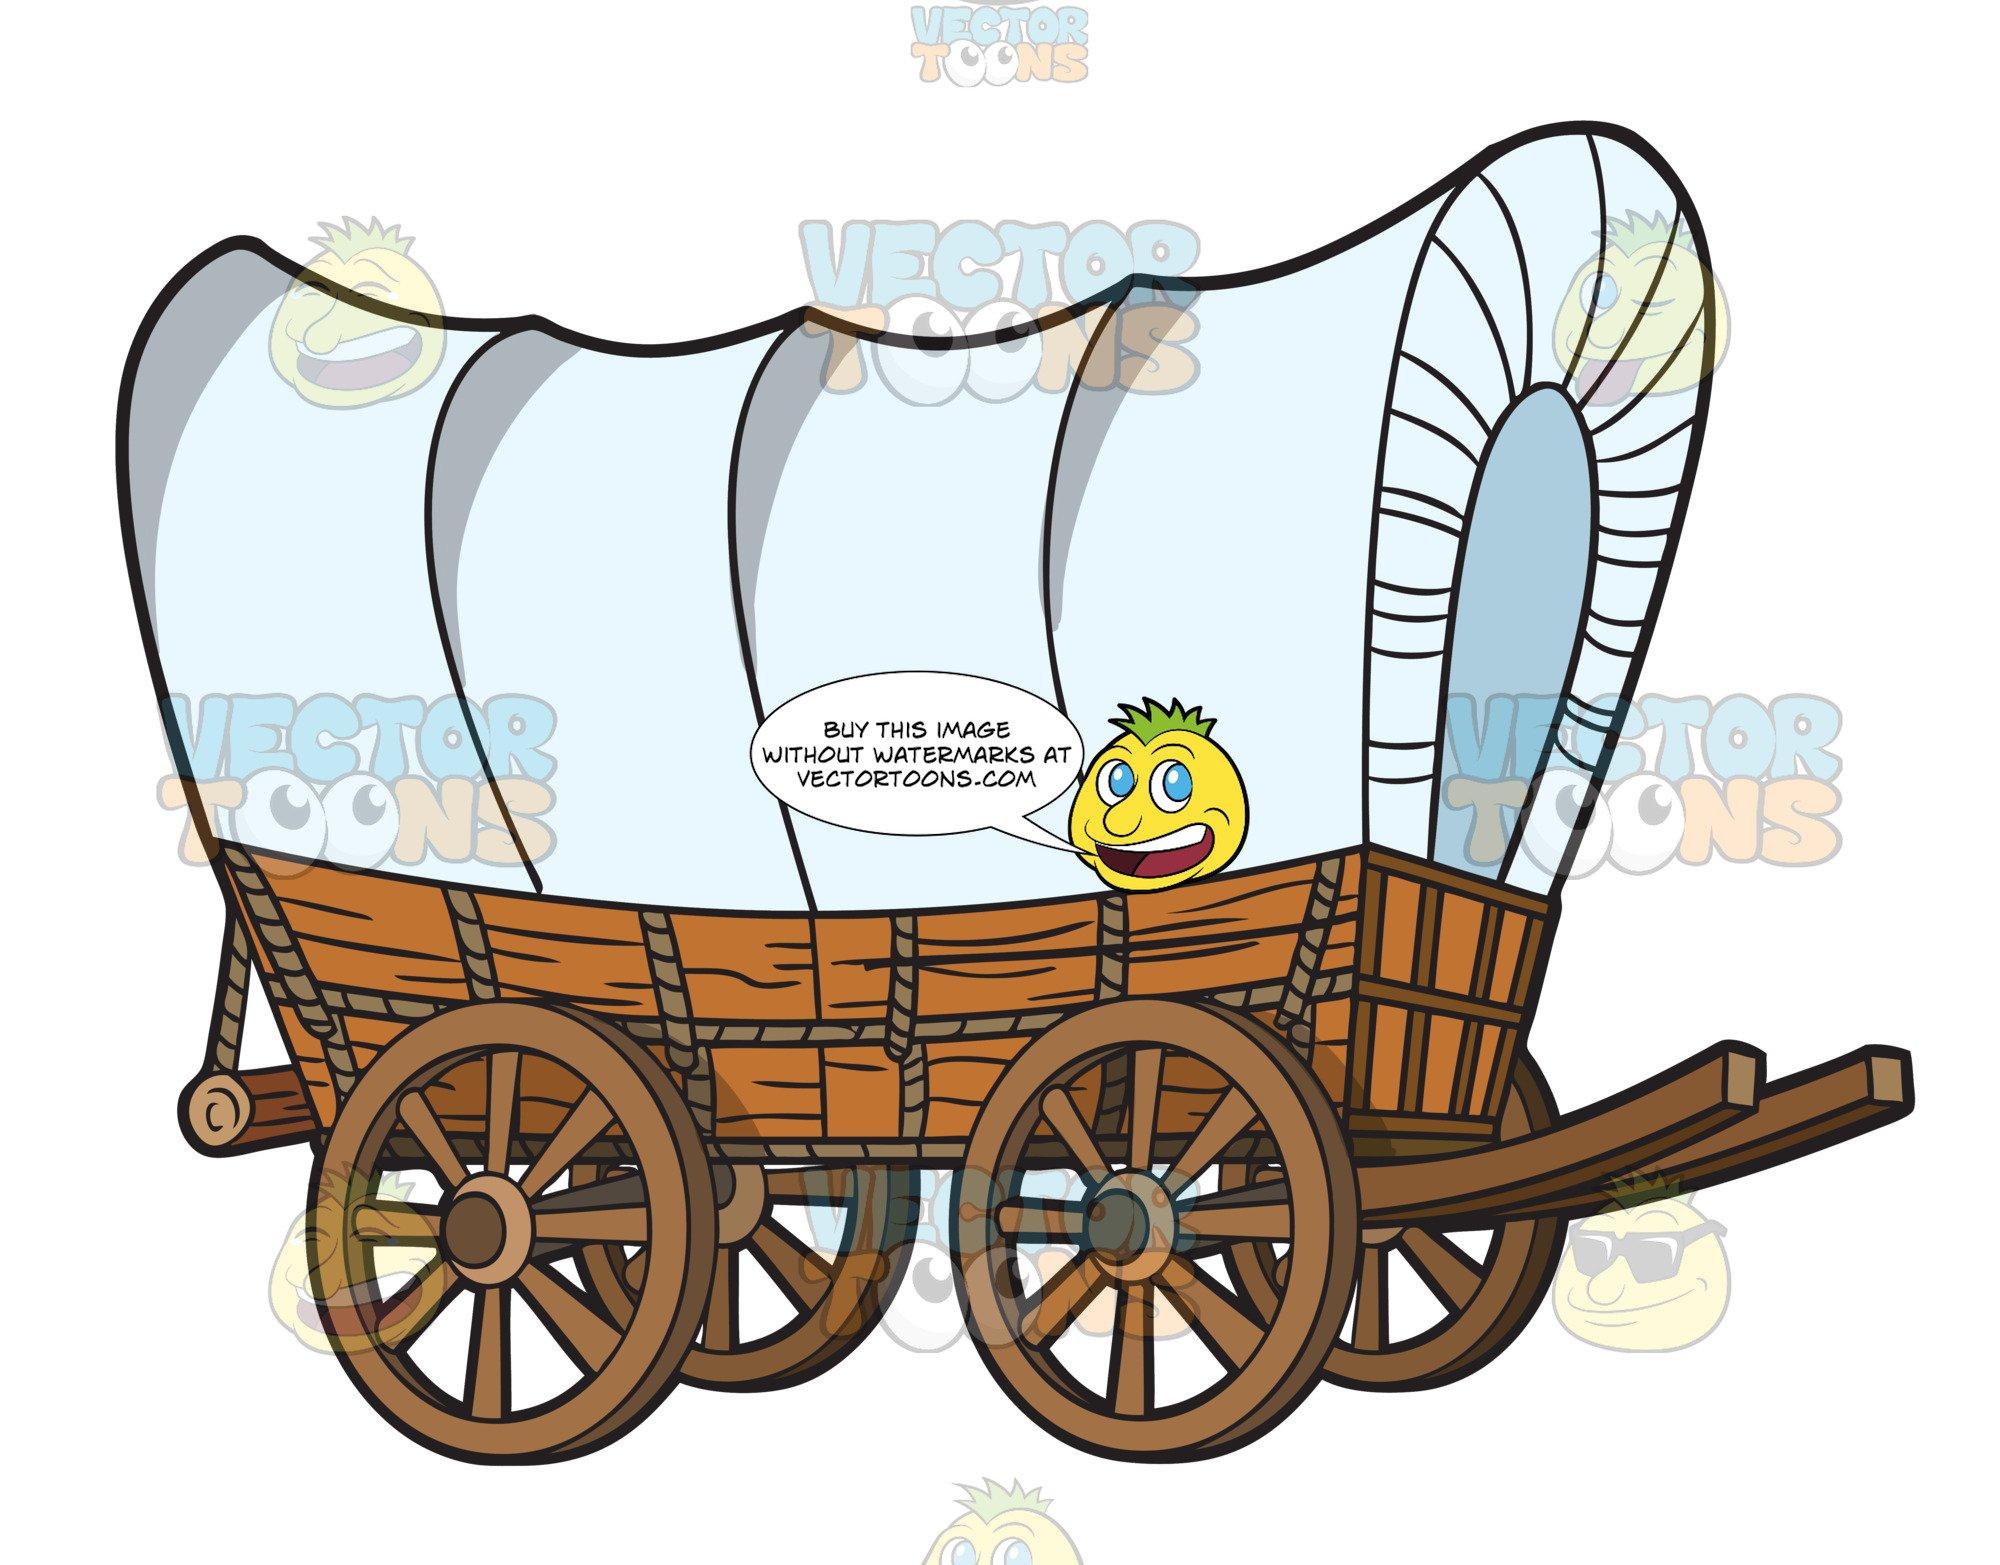 Wagon clipart prairie schooner. A